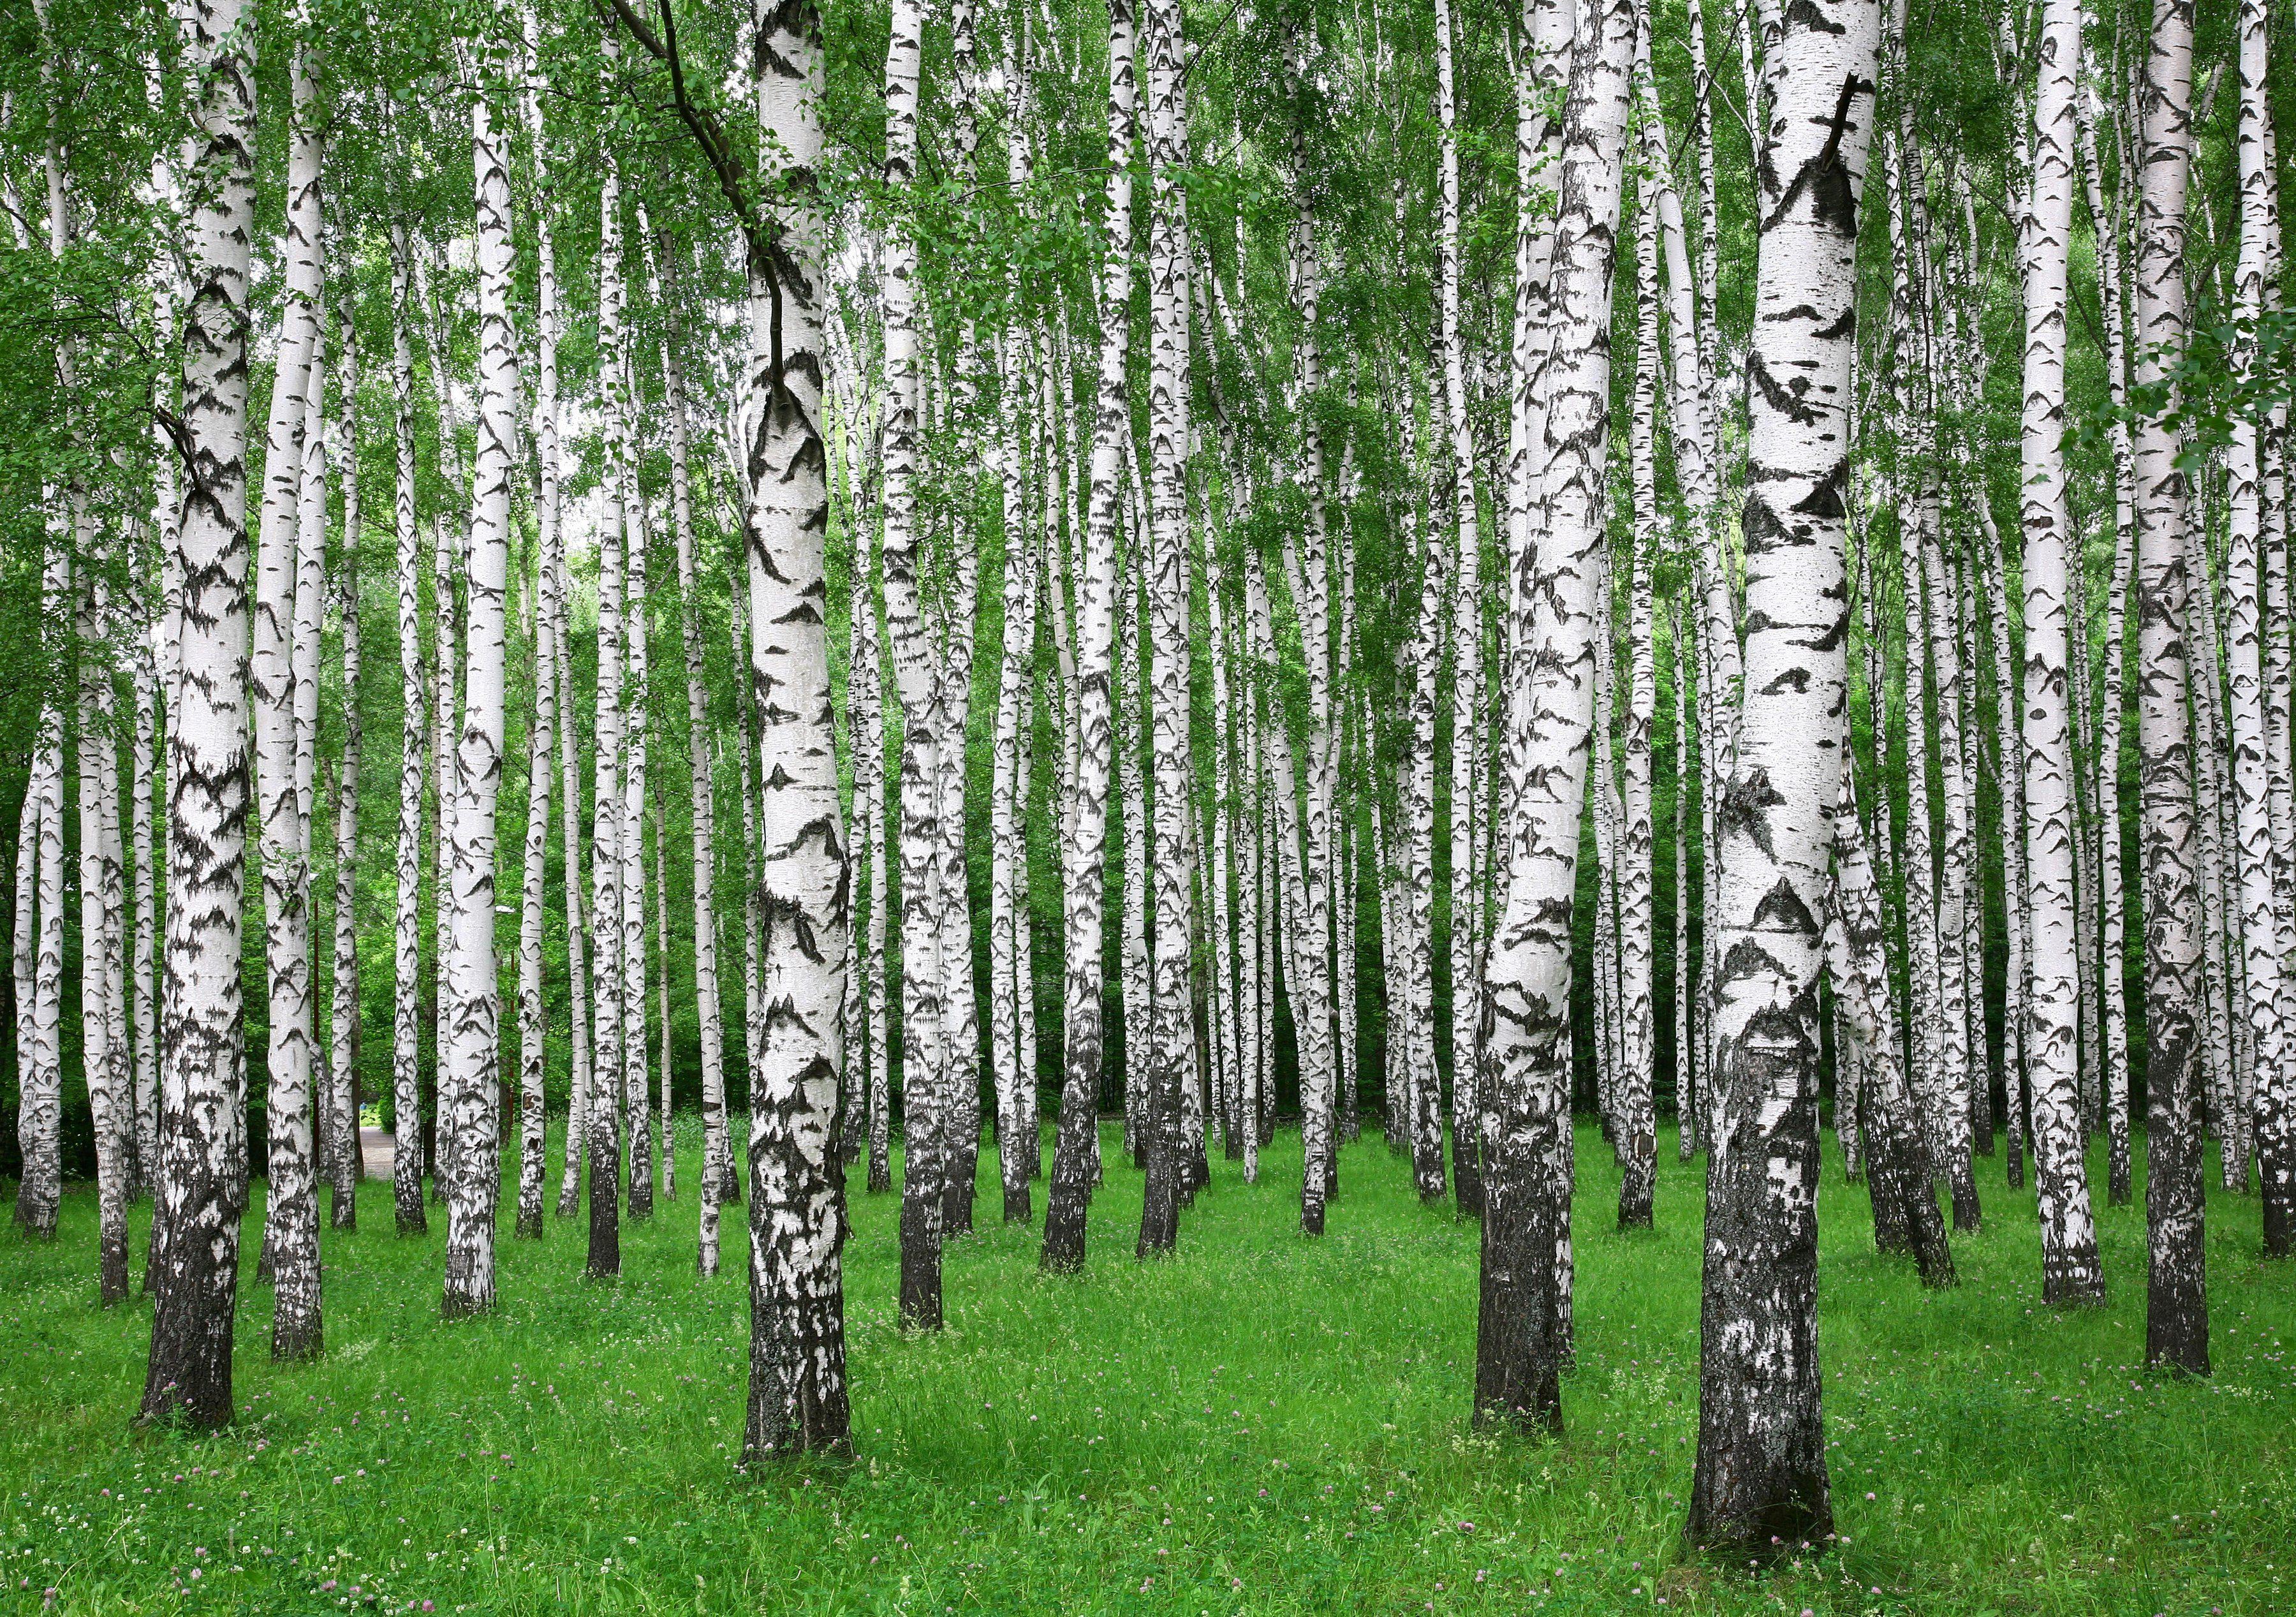 PAPERMOON Fototapete »Summer Birch Forest«, Vlies, 7 Bahnen, 350 x 260 cm